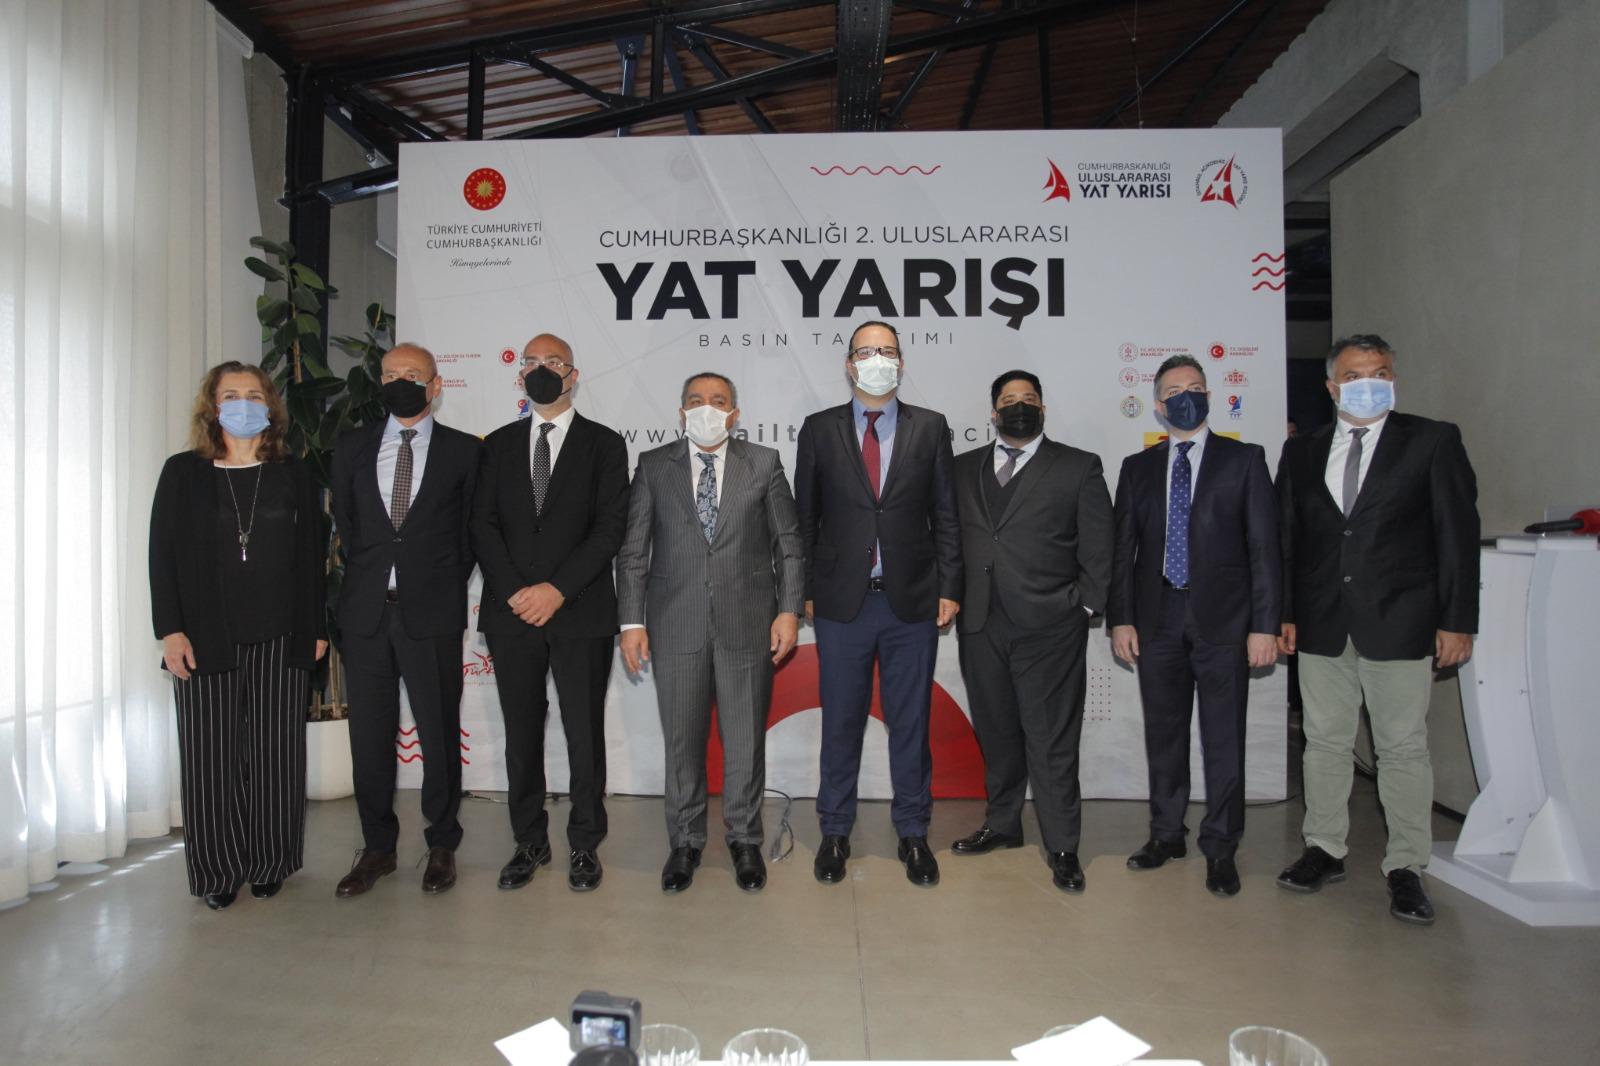 Cumhurbaşkanlığı 2.Uluslararası Yat Yarışları'nın rotası ve takvimi düzenlenen basın toplantısında açıklandı